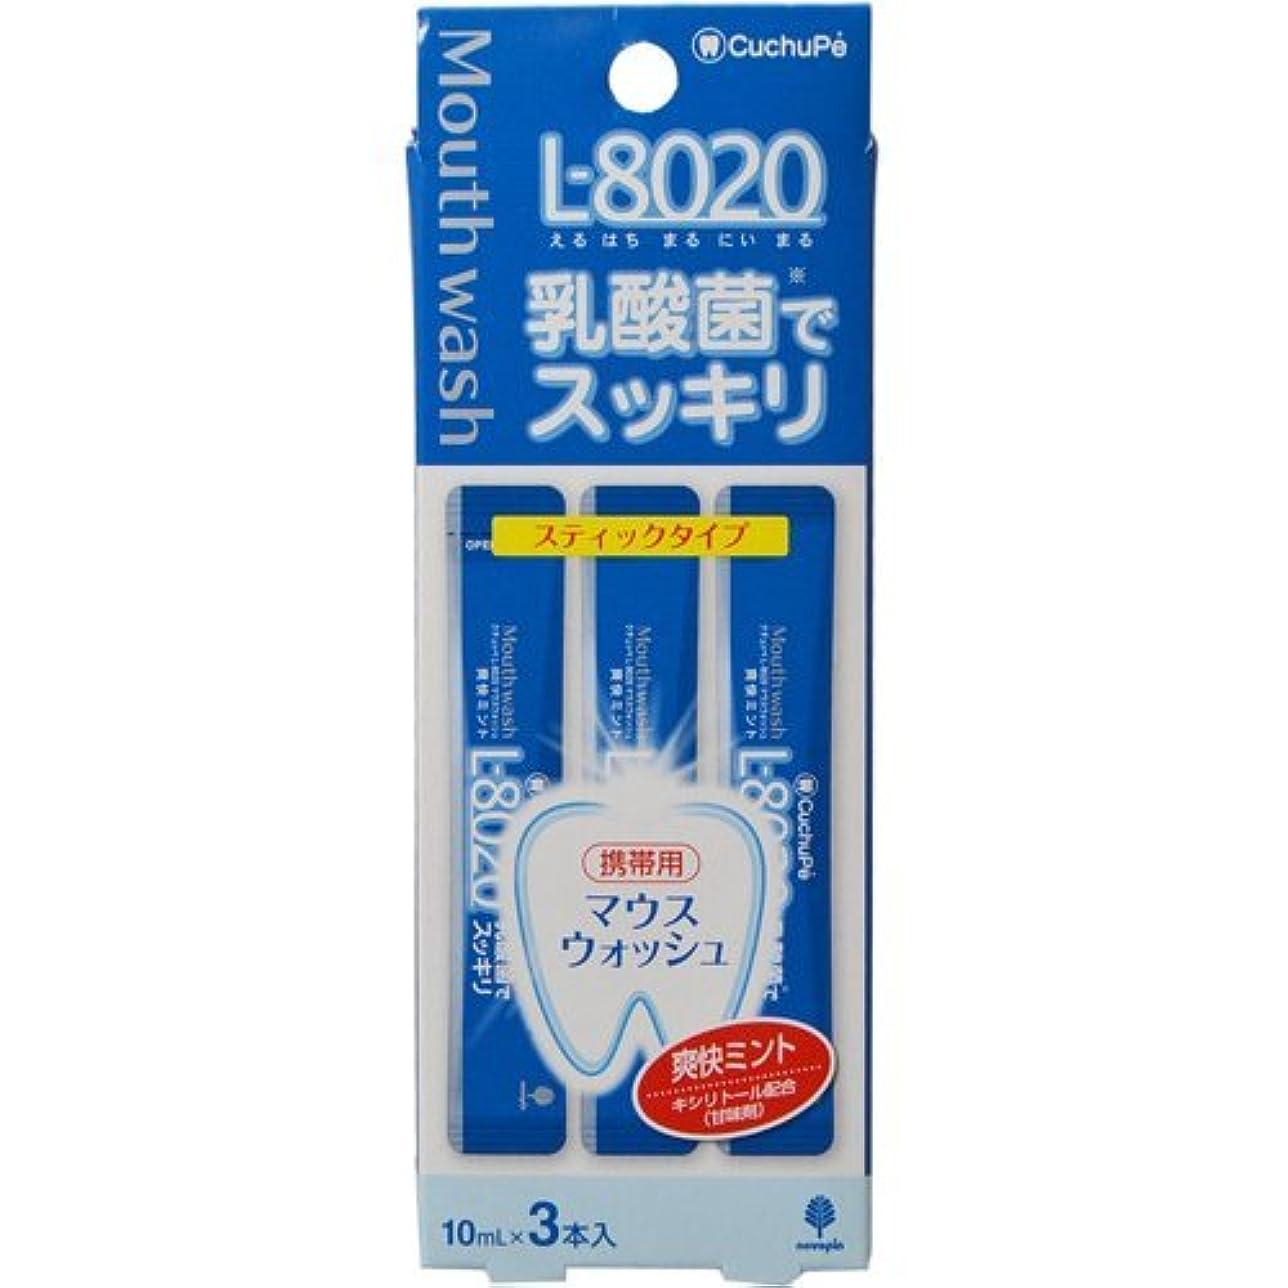 投票ドックフォージクチュッペL-8020爽快ミントスティックタイプ3本入(アルコール) 【まとめ買い10個セット】 K-7045